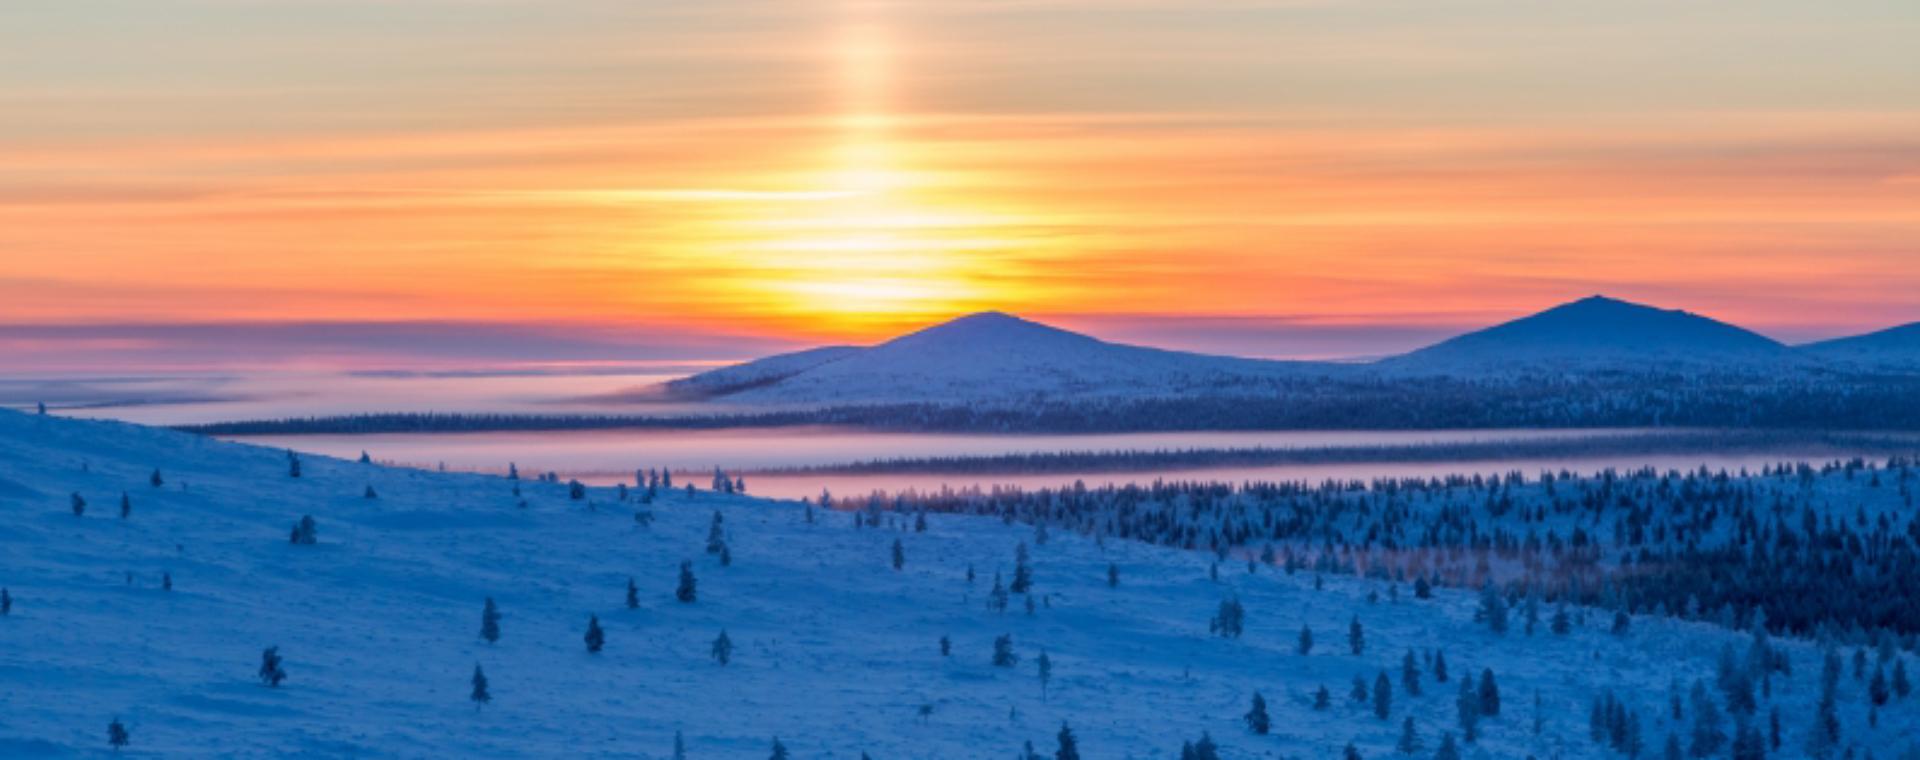 Voyage à thème : Séjour découverte à Kiilopää